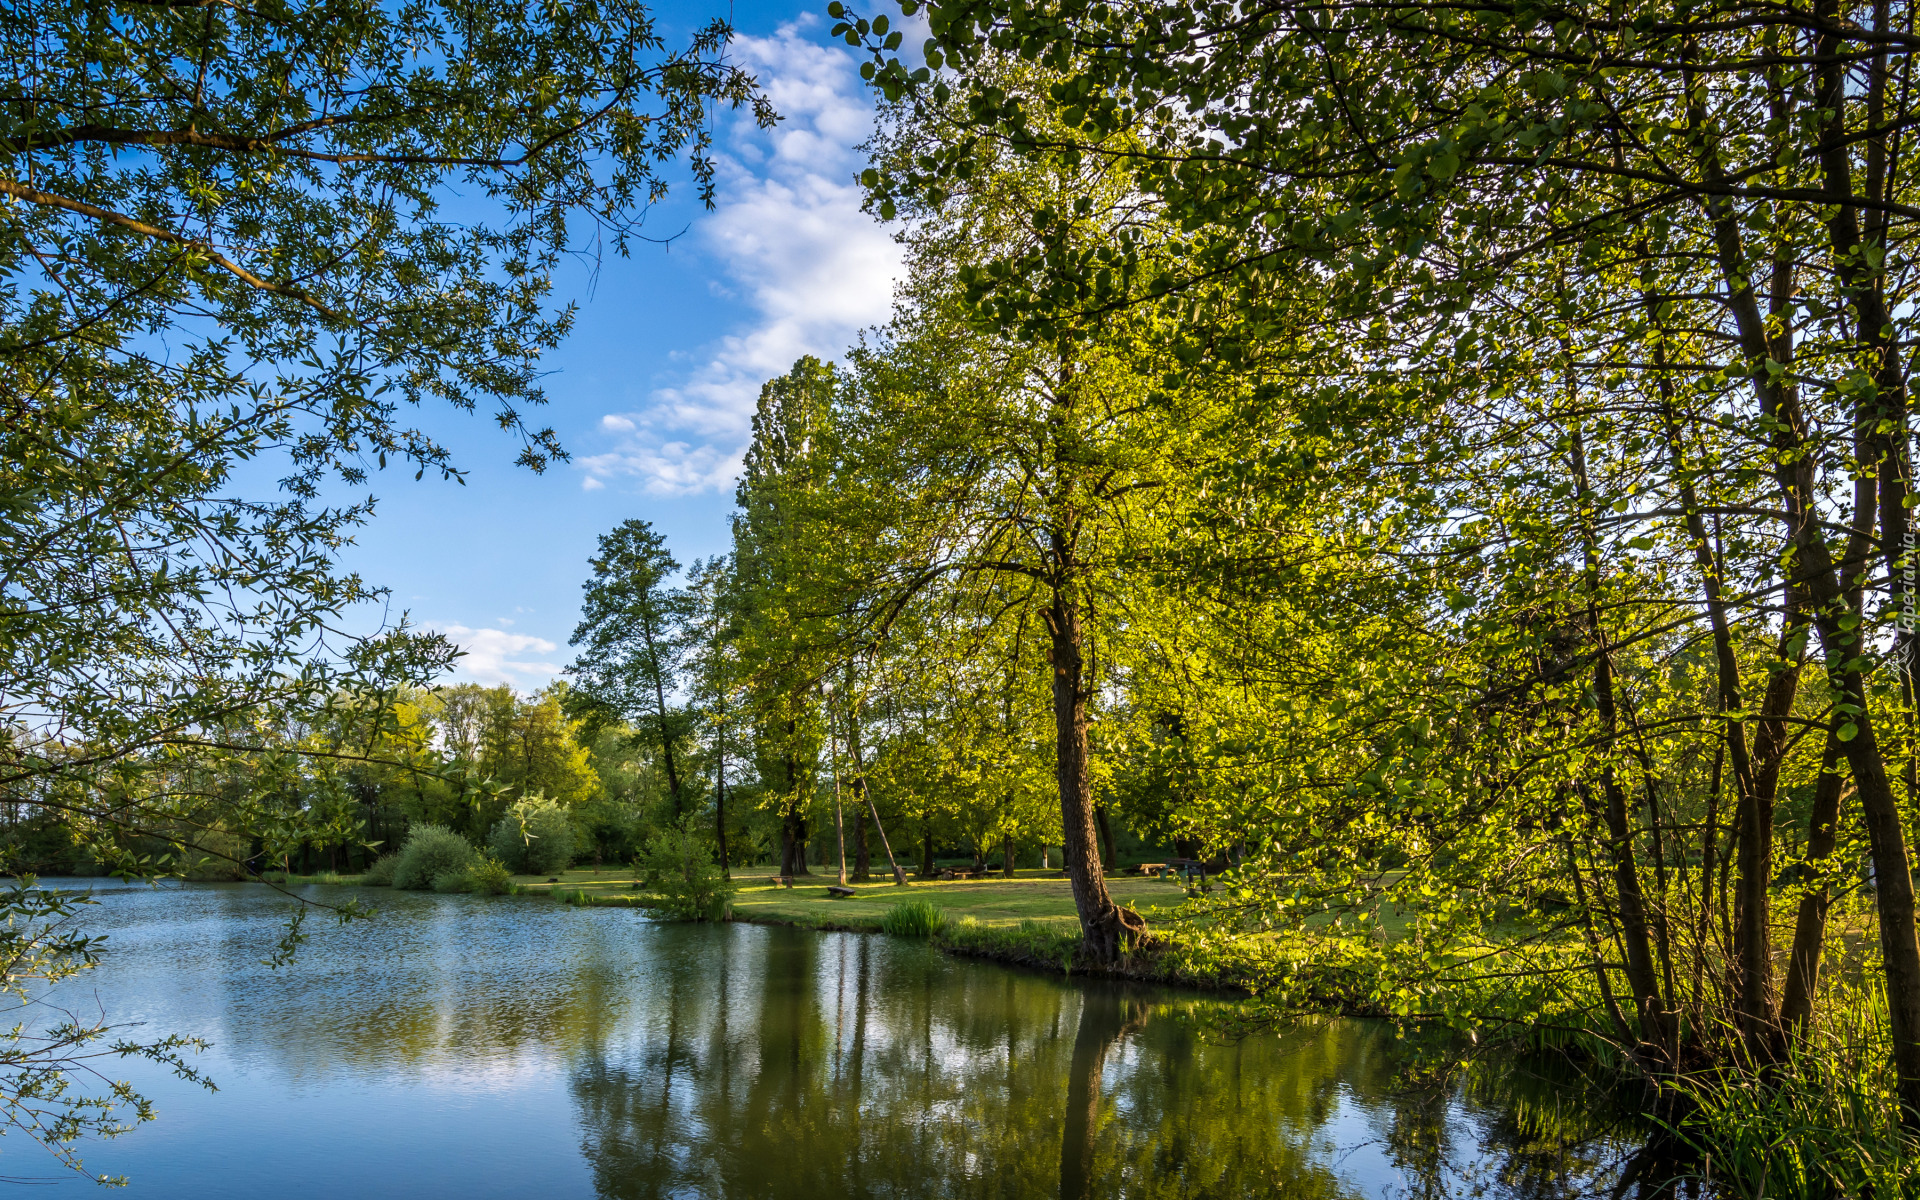 tapeta-rozswietlone-sloncem-zielone-drzewa-nad-jeziorem-w-parku.jpg